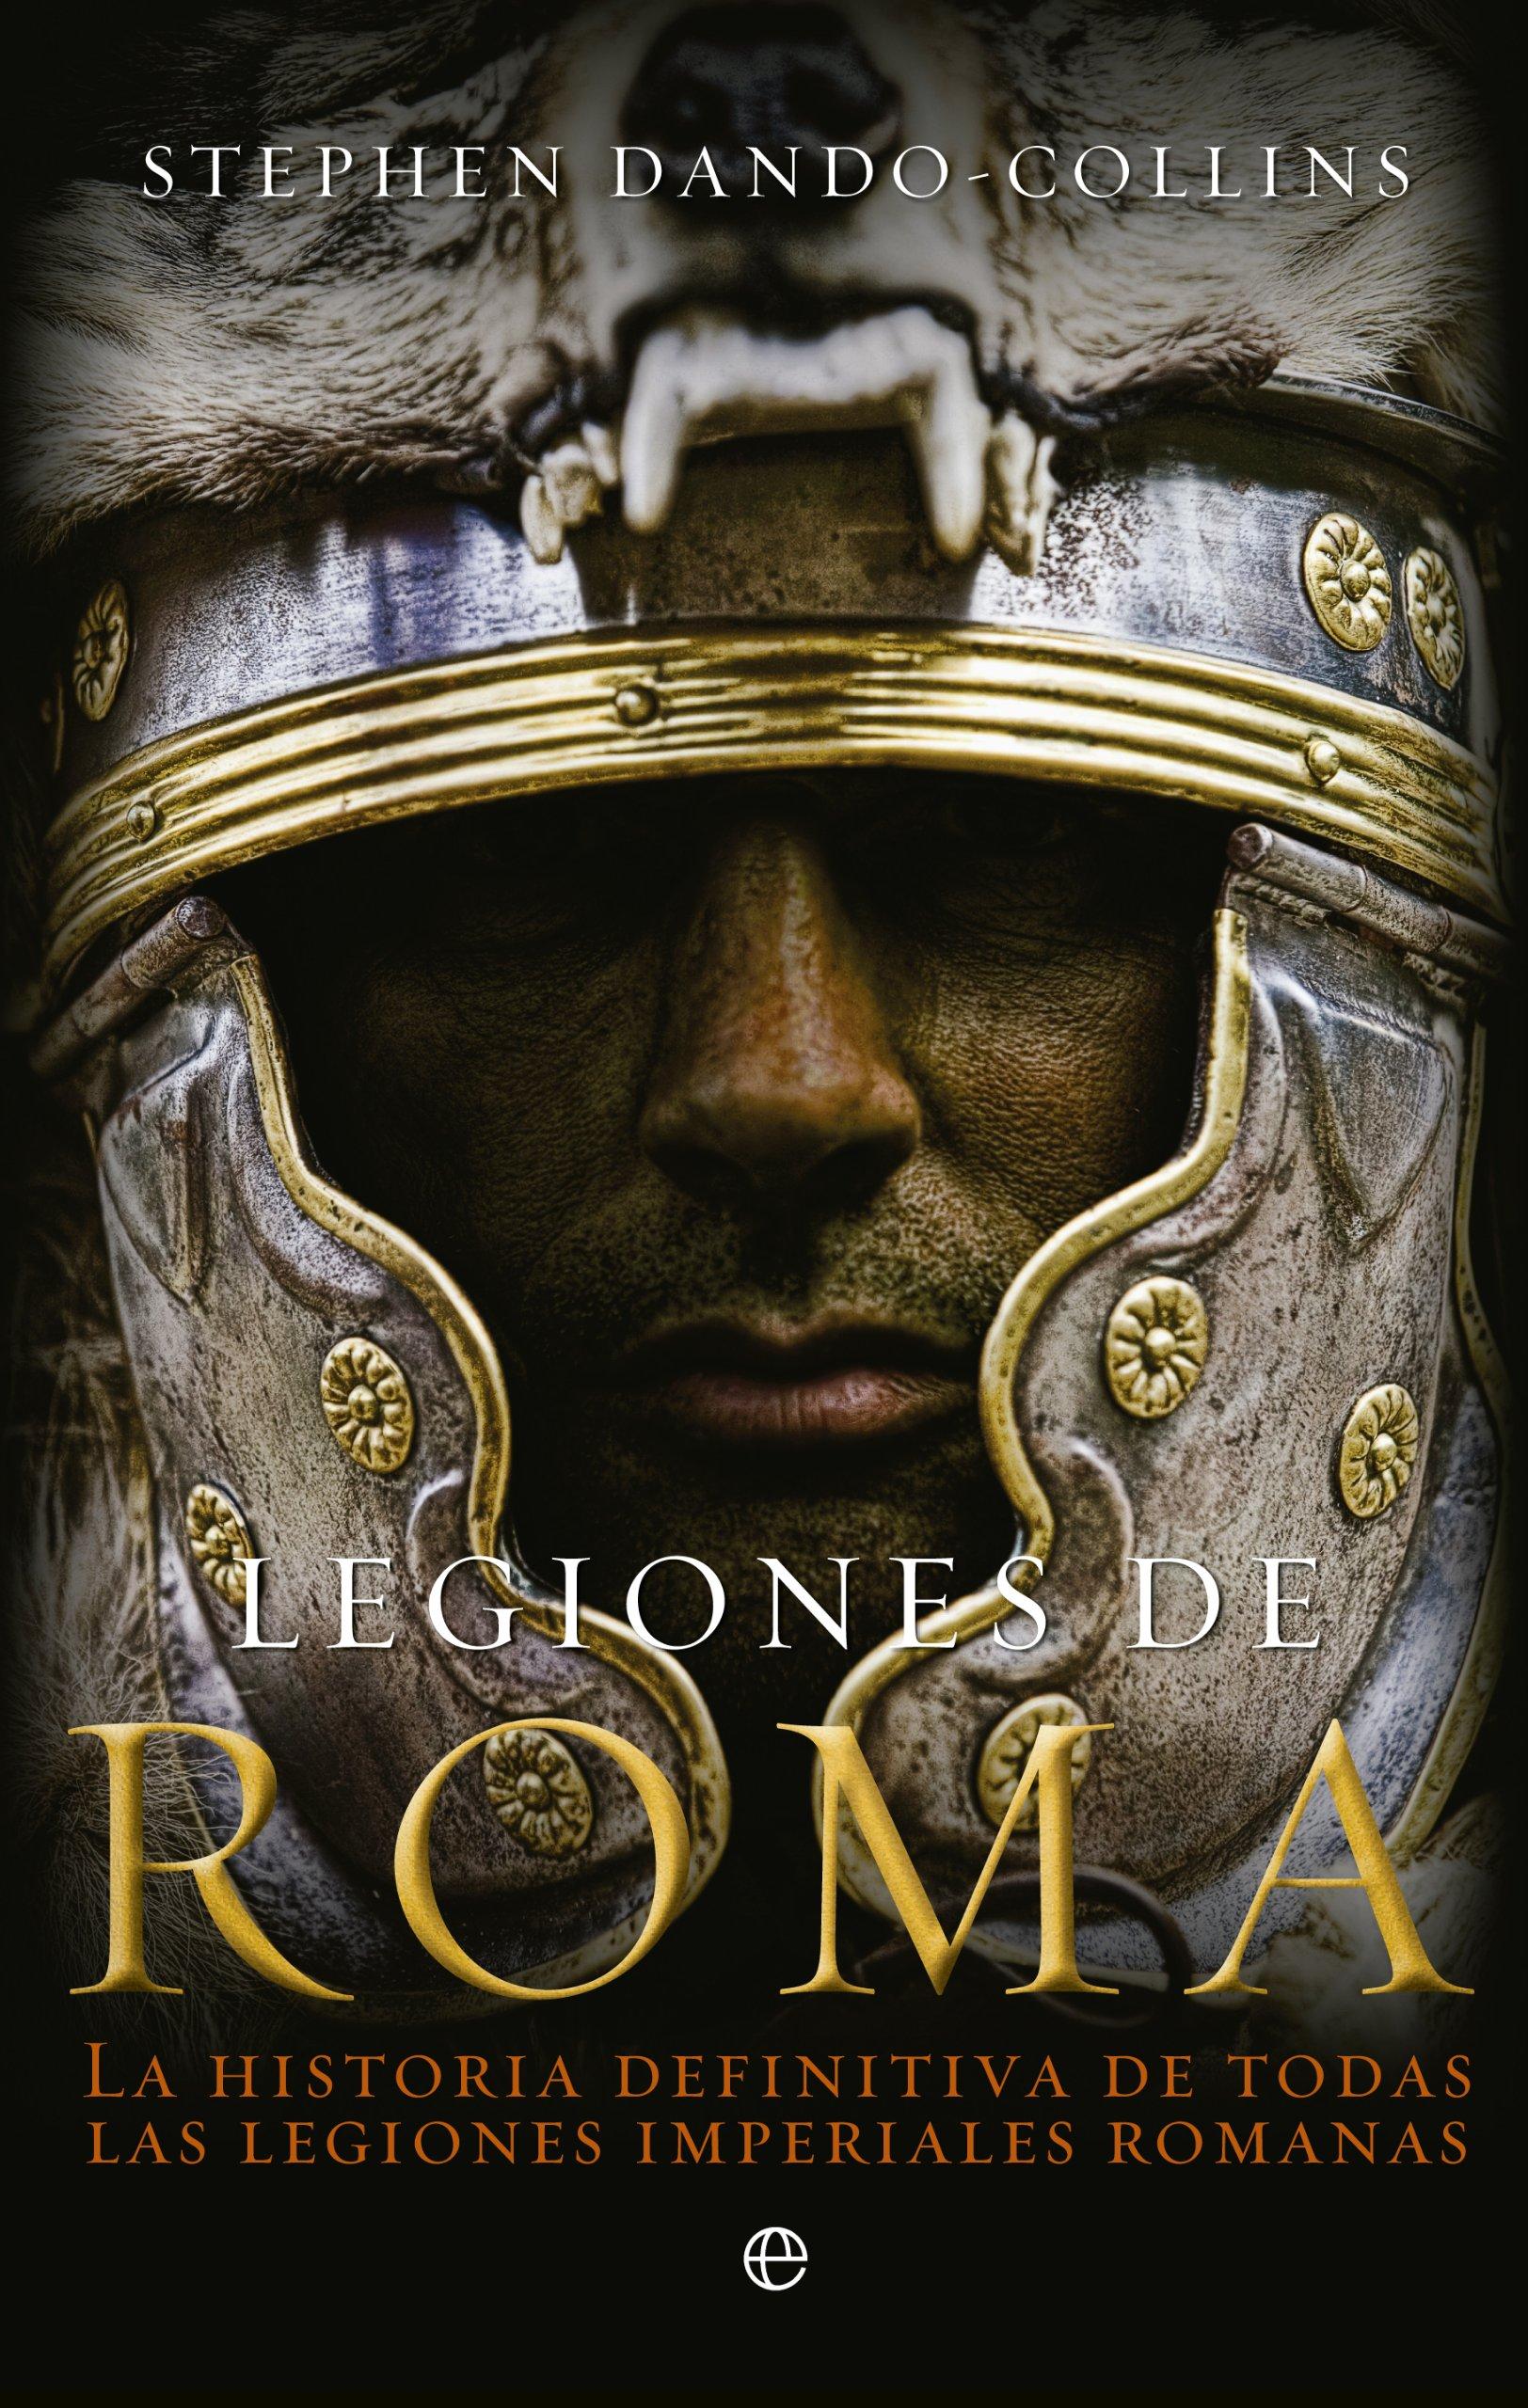 Legiones de Roma: La historia definitiva de todas las legiones imepriales romanas ISBN-13 9788499703305